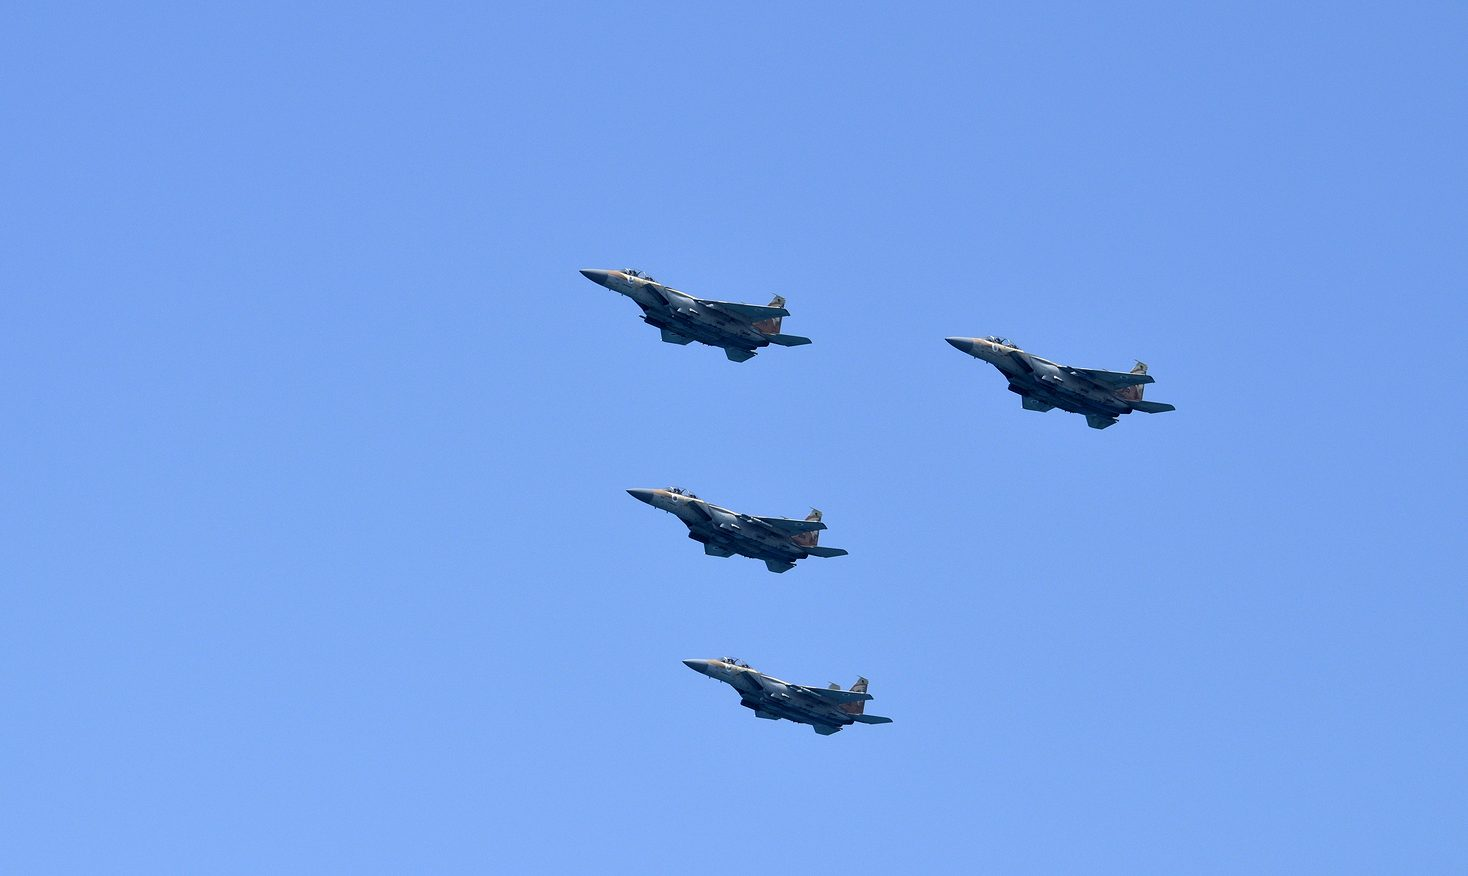 חיל האויר הישראלי